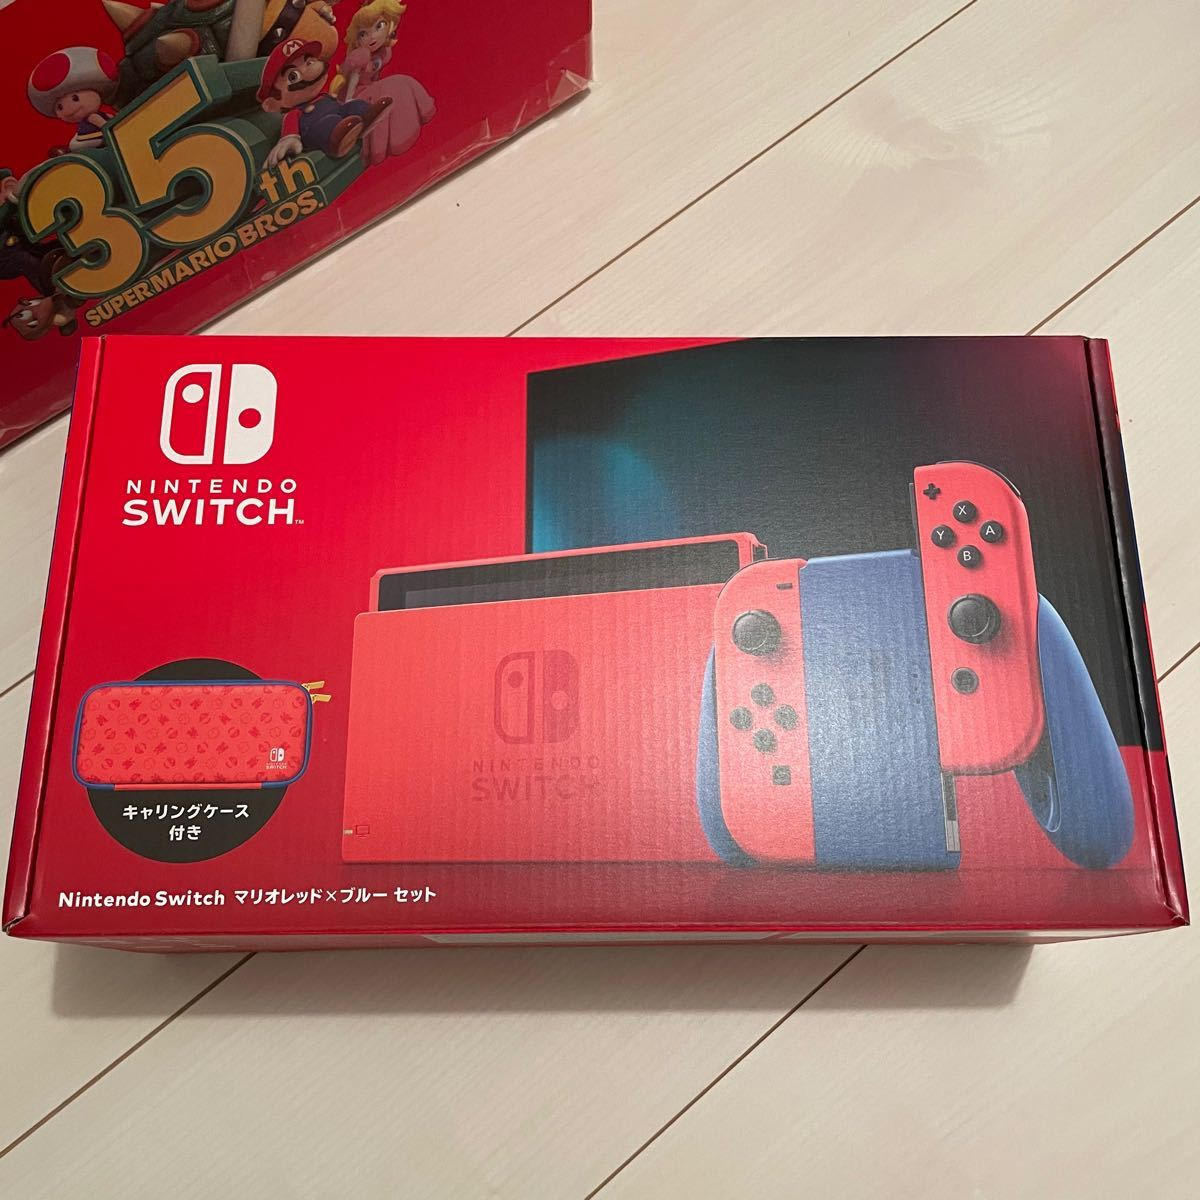 マリオレッド ブルー スイッチ Joy-Con Nintendo Switch 各パーツ 新品未使用 本体以外のセット バラ売り